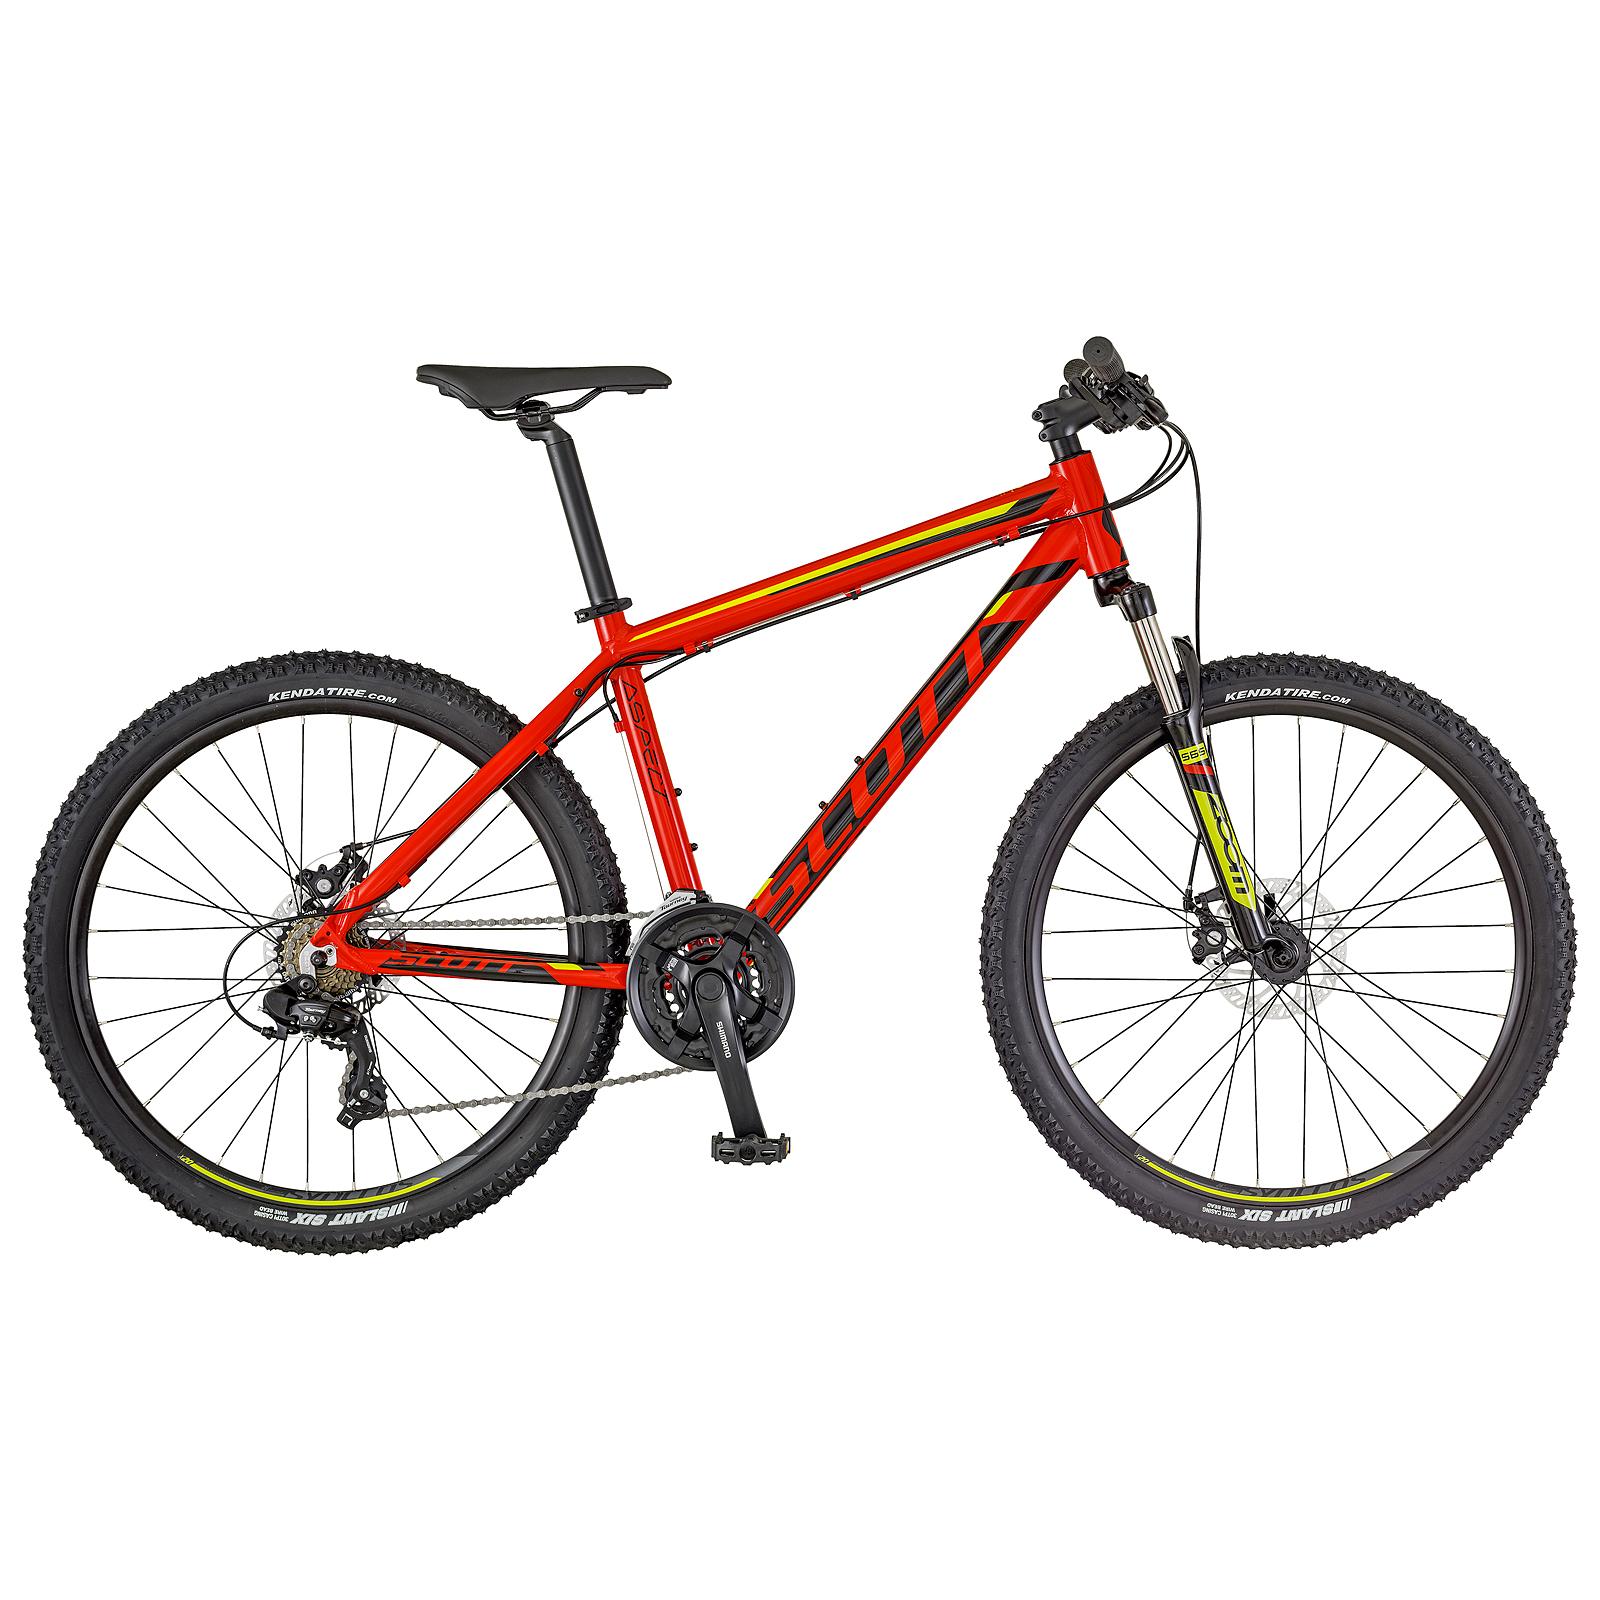 scott aspect 670 26 39 39 mtb fahrrad rot schwarz 2018 von top marken online kaufen we cycle. Black Bedroom Furniture Sets. Home Design Ideas